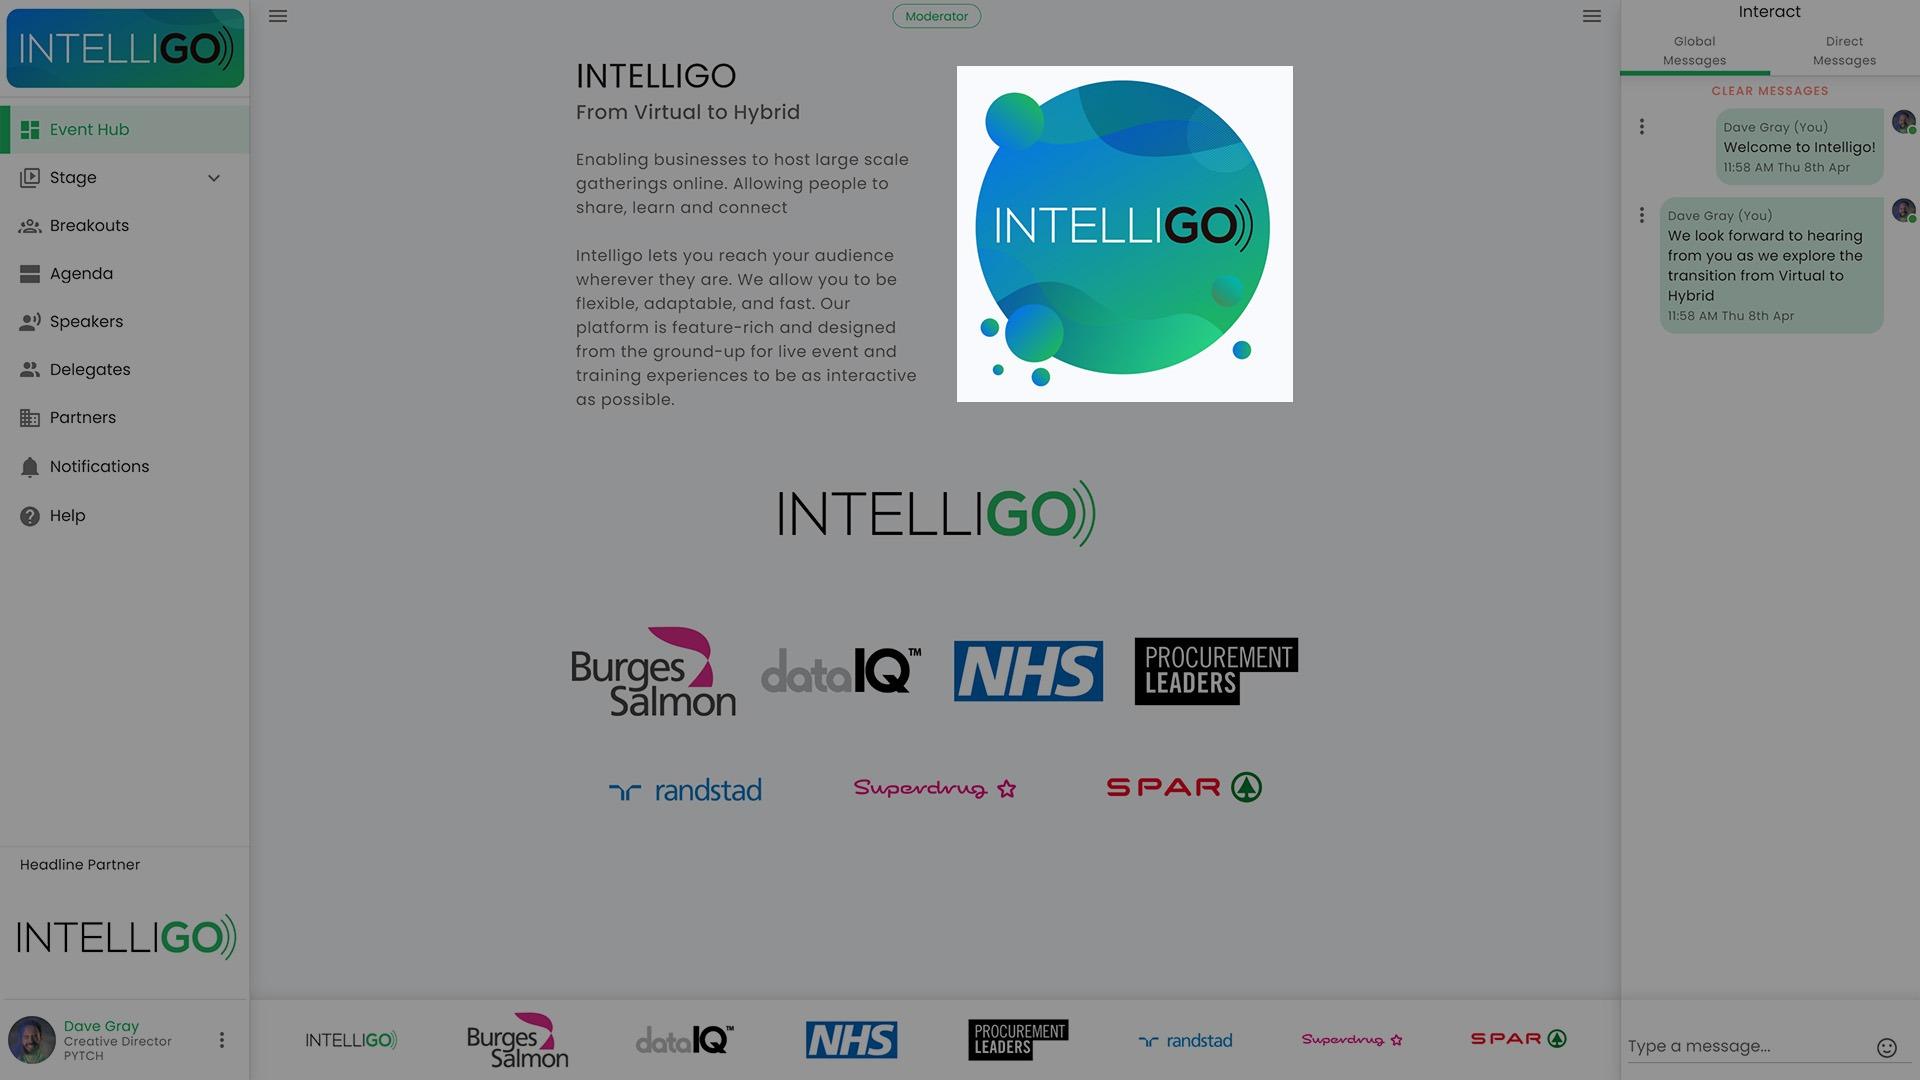 virutal hybrid event platform intelligo event hub